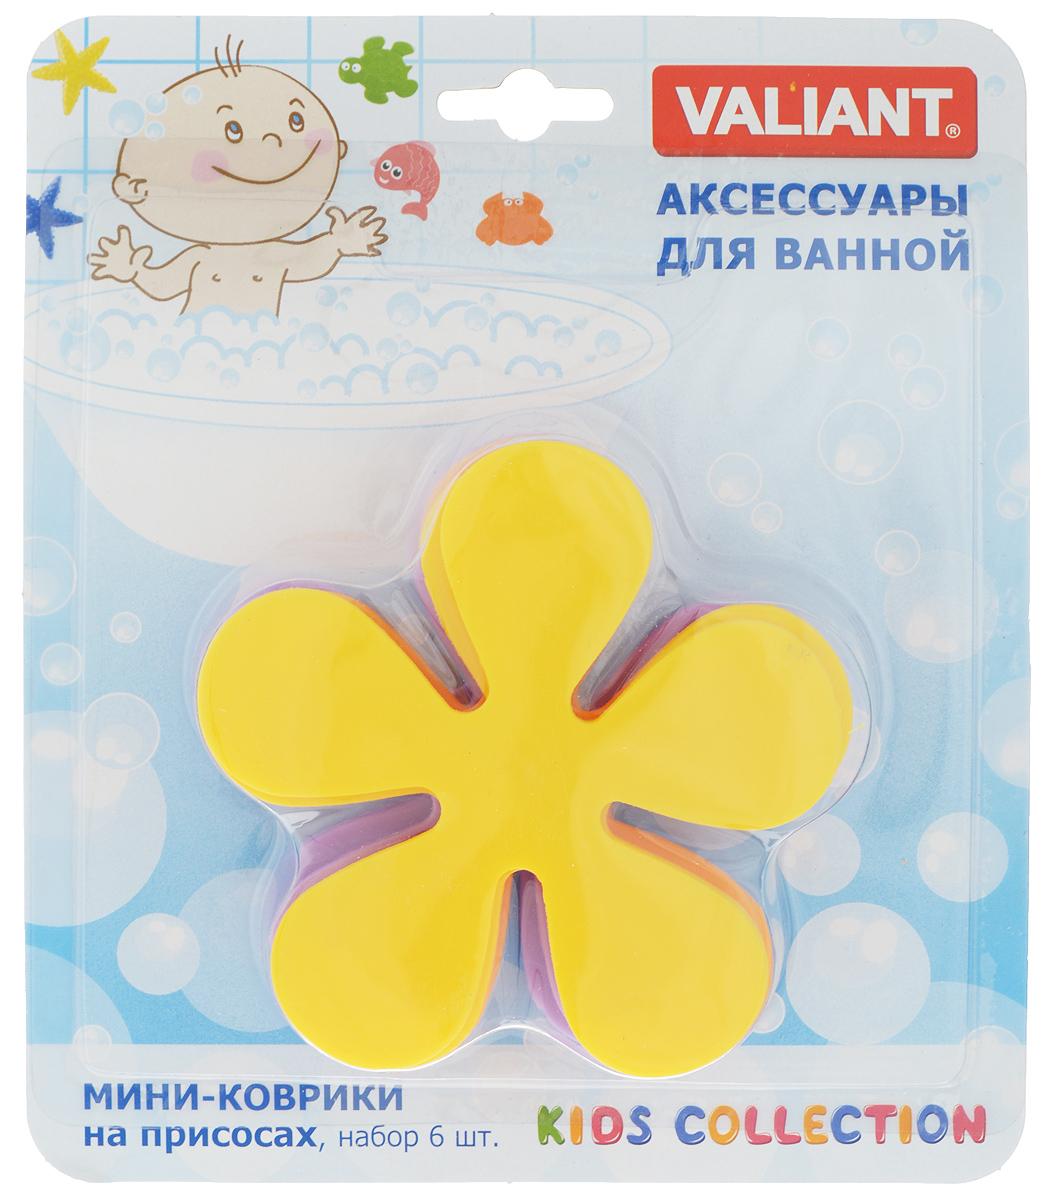 """Набор Valiant """"Цветок"""", выполненный из полимерных материалов высокого качества, состоит из 6 мини-ковриков в виде цветка. Мини-коврики - это модный и экономичный способ сделать вашу ванную комнату более уютной, красивой и безопасной. Изделия крепятся на любую поверхность с помощью вакуумных присосок. Вы сможете расположить их там, где вам необходимо яркое цветовое """"пятно"""" и одновременно - надежная противоскользящая опора. Такие мини-коврики незаменимы при купании маленького ребенка, он не поскользнется и не упадет, держась за мягкую и приятную на ощупь рифленую поверхность изделия.Размер мини-коврика: 10,5 х 10,5 см.Количество: 6 шт."""